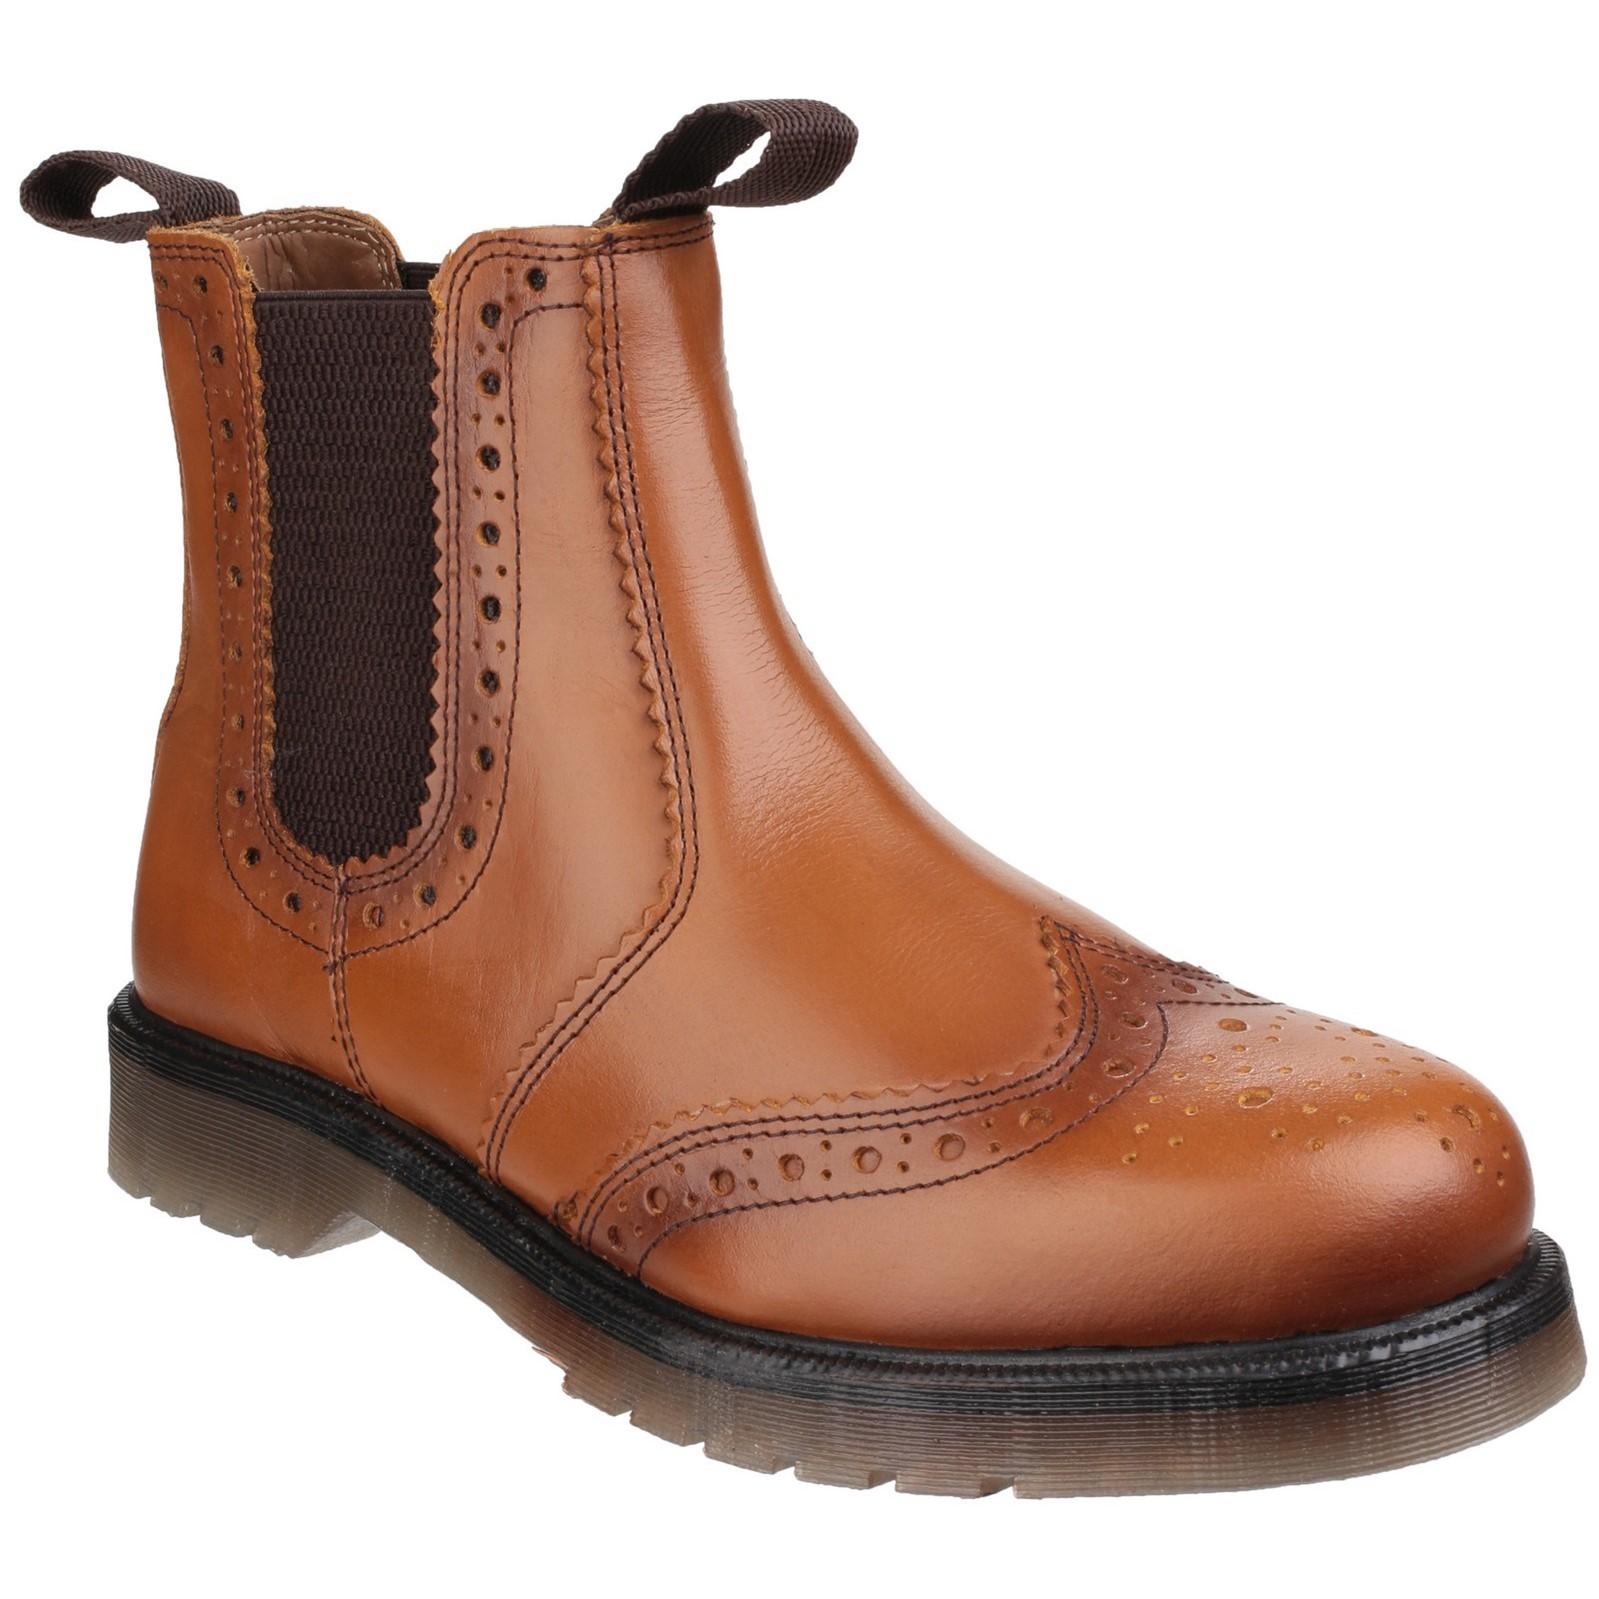 Kängor & Boots | Herr | Shoppa online på